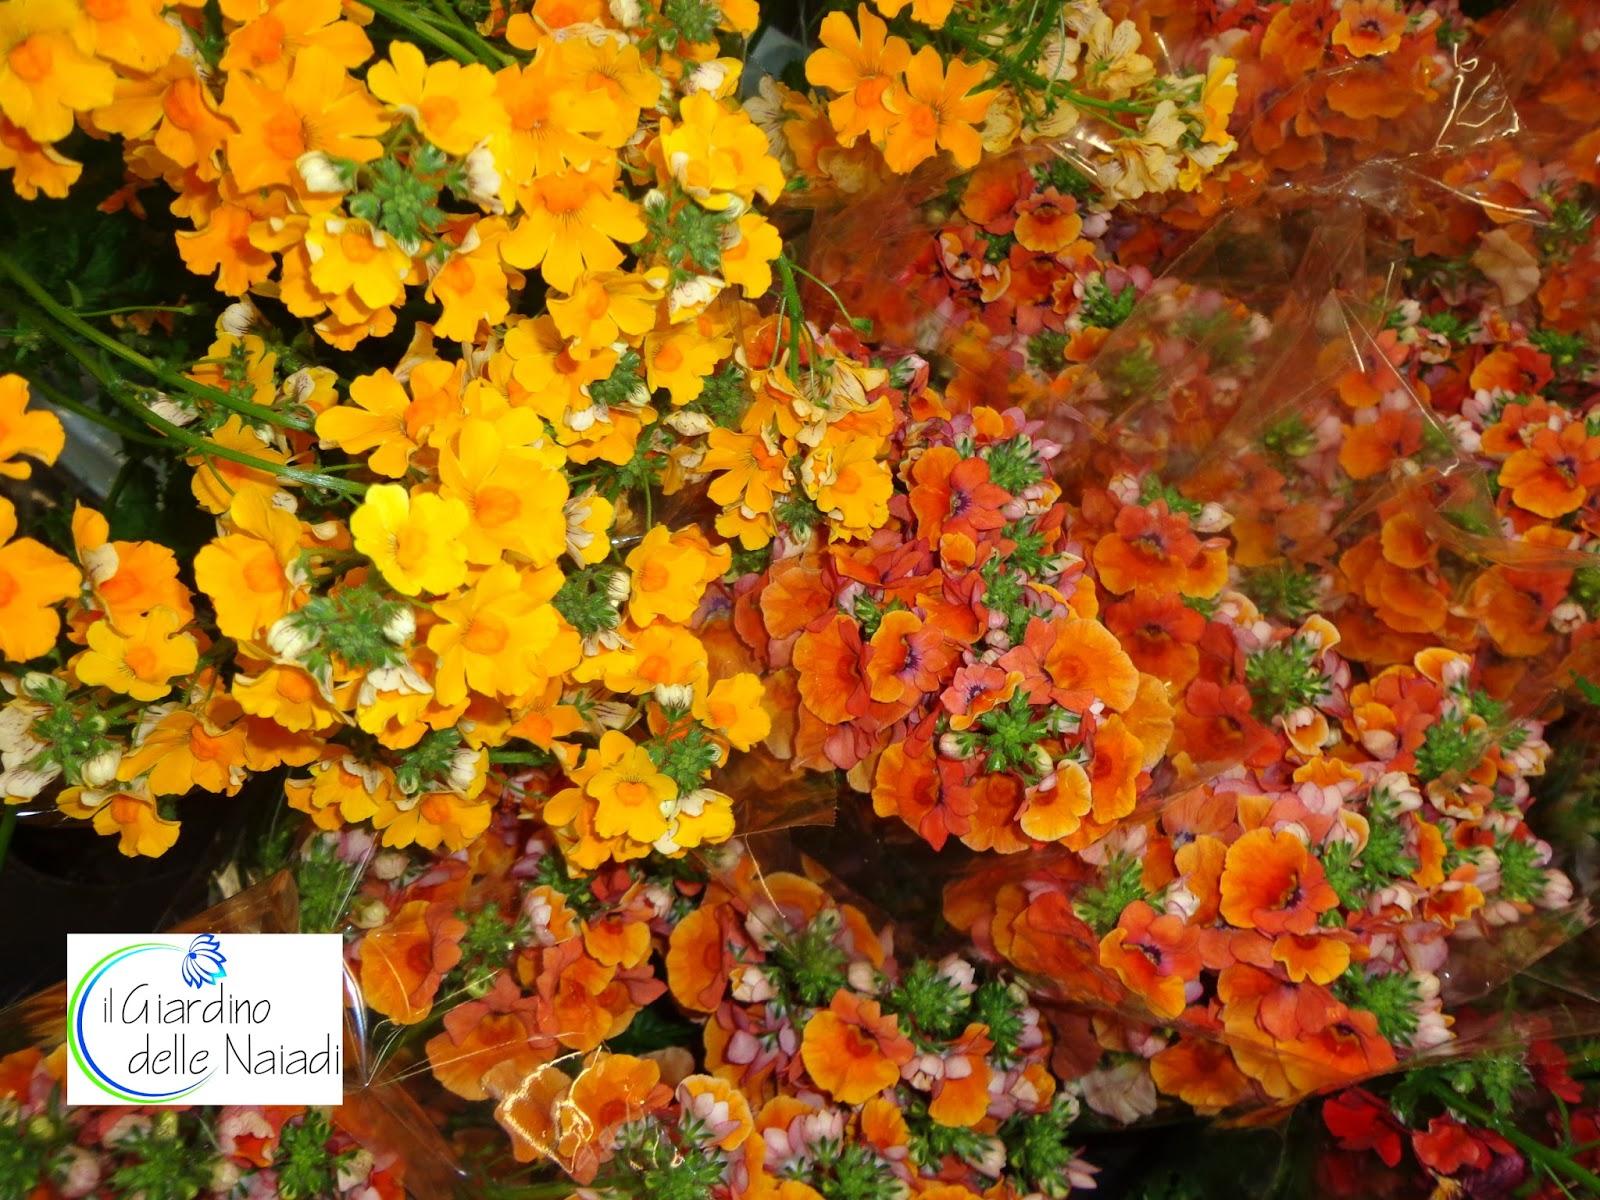 Il giardino delle naiadi colorare e profumare giardini e terrazzi